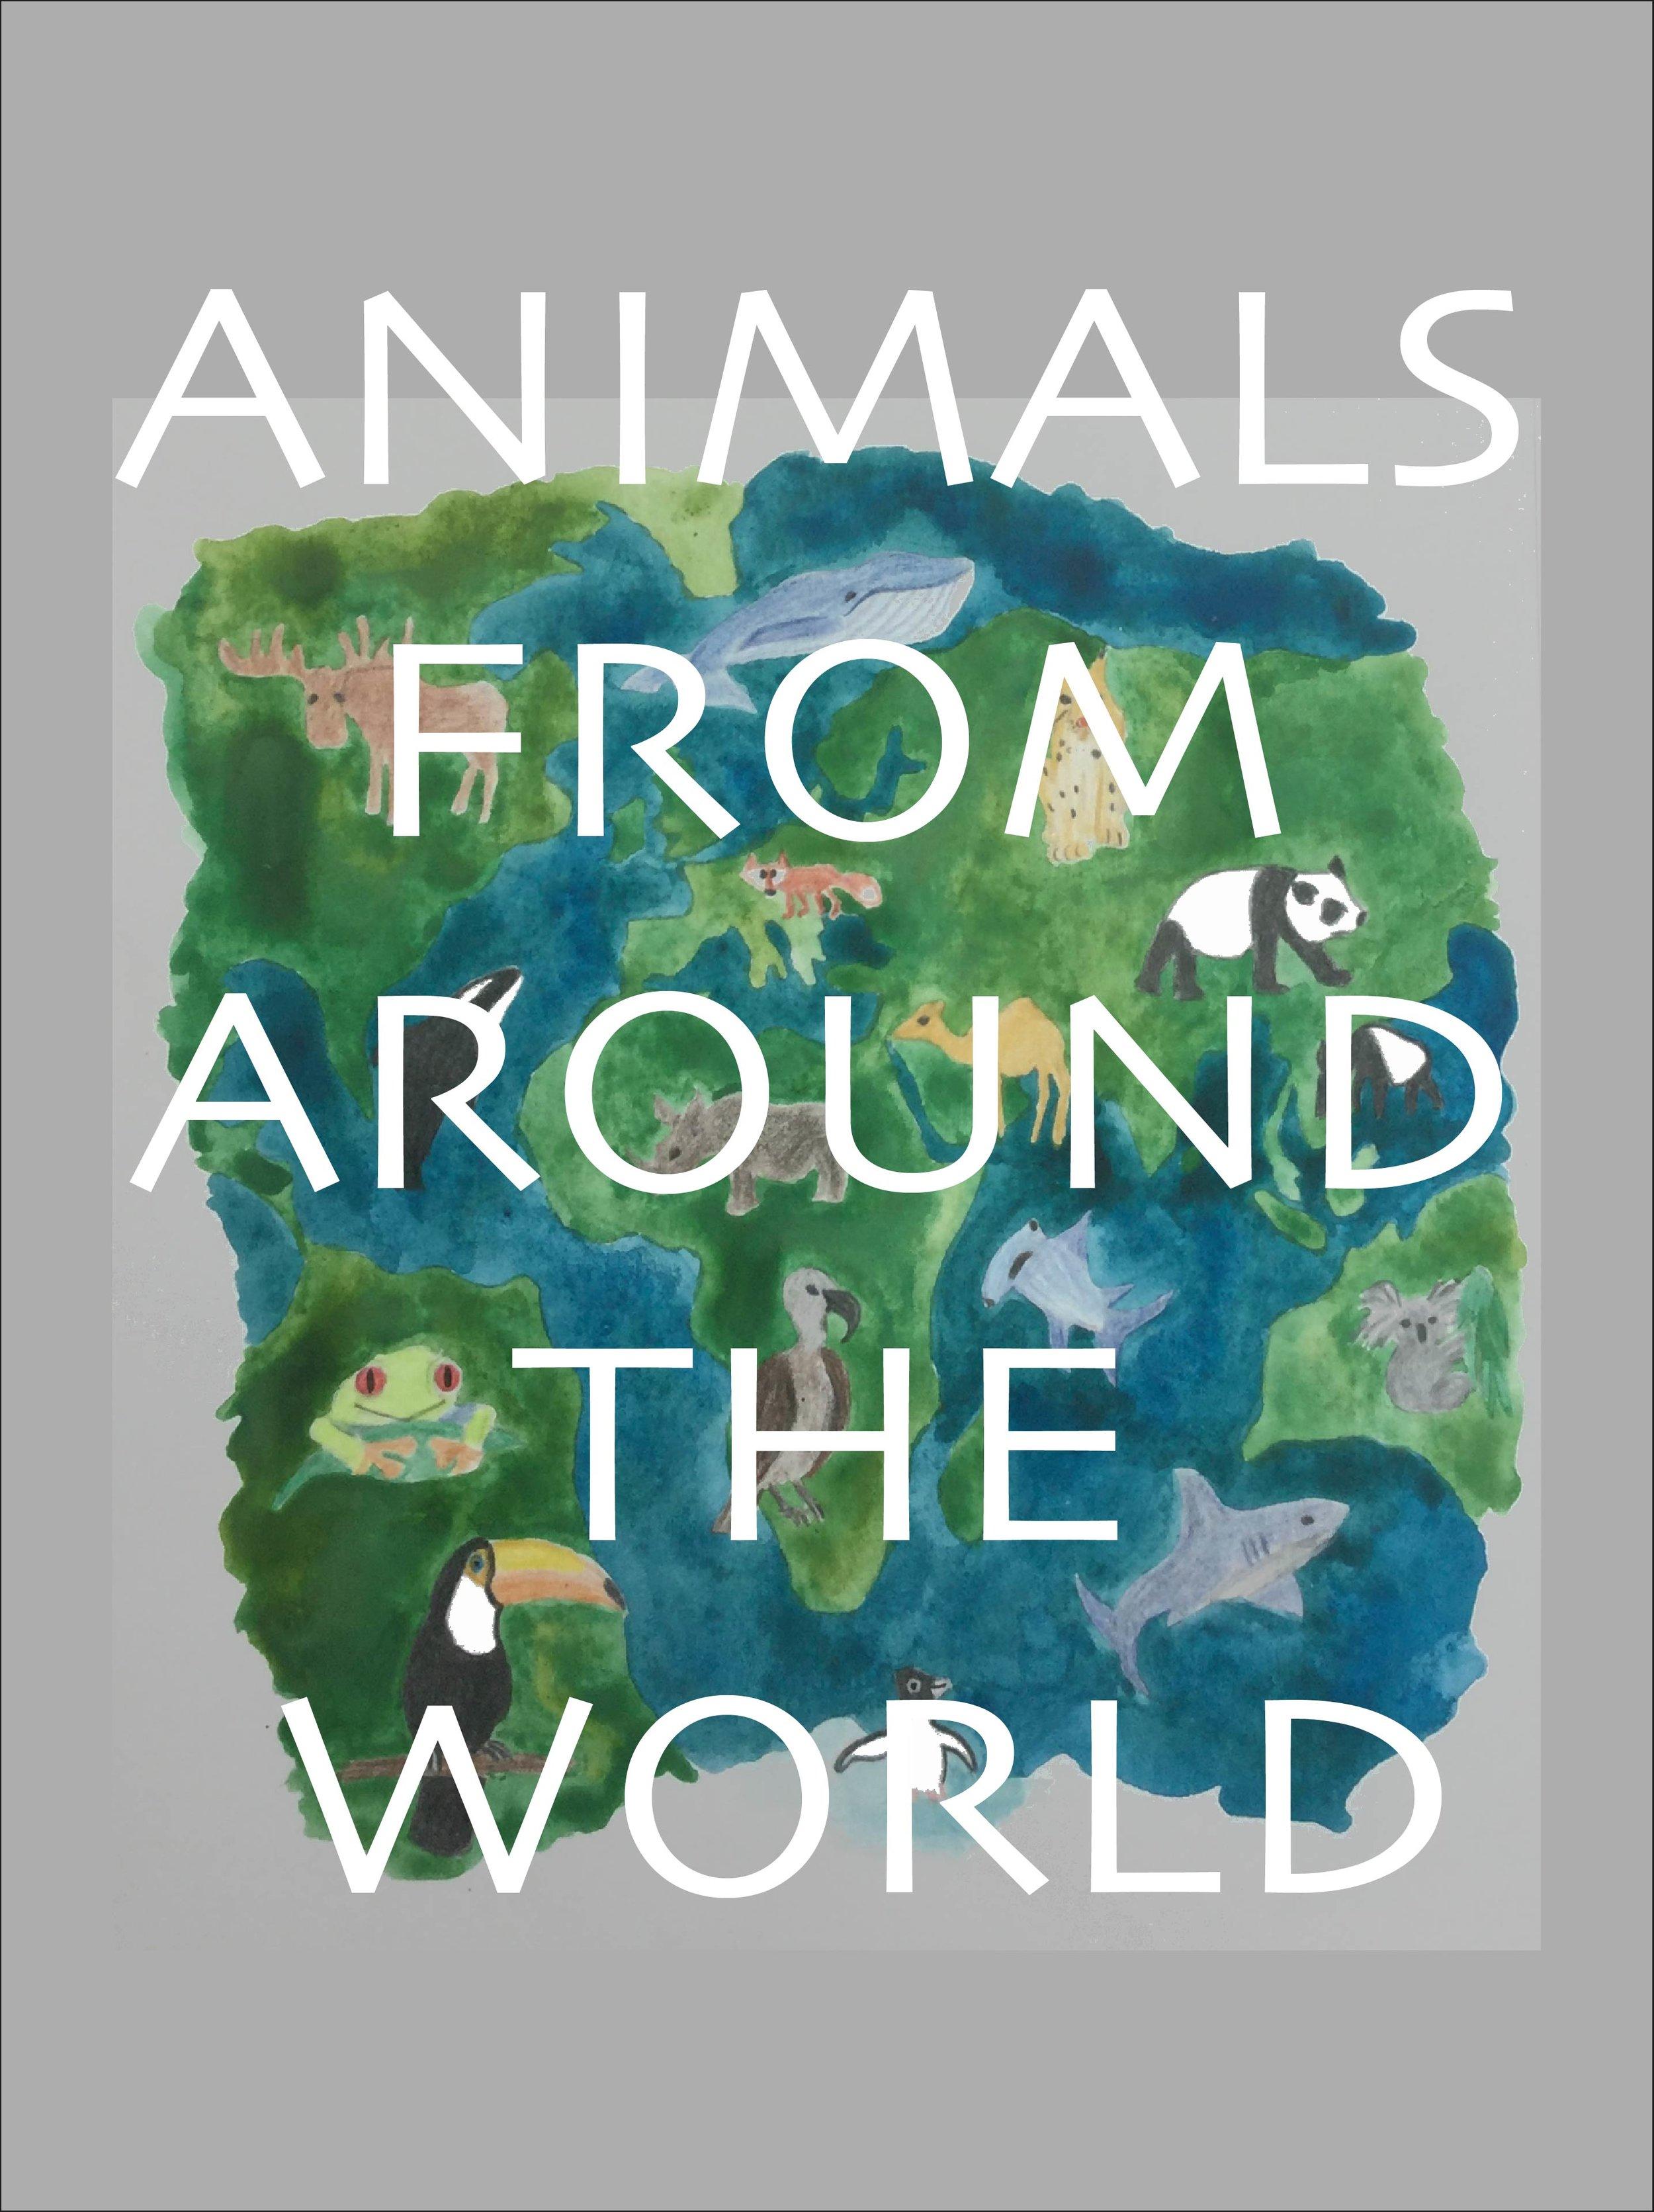 ANIMAL COVER 2-01.jpg